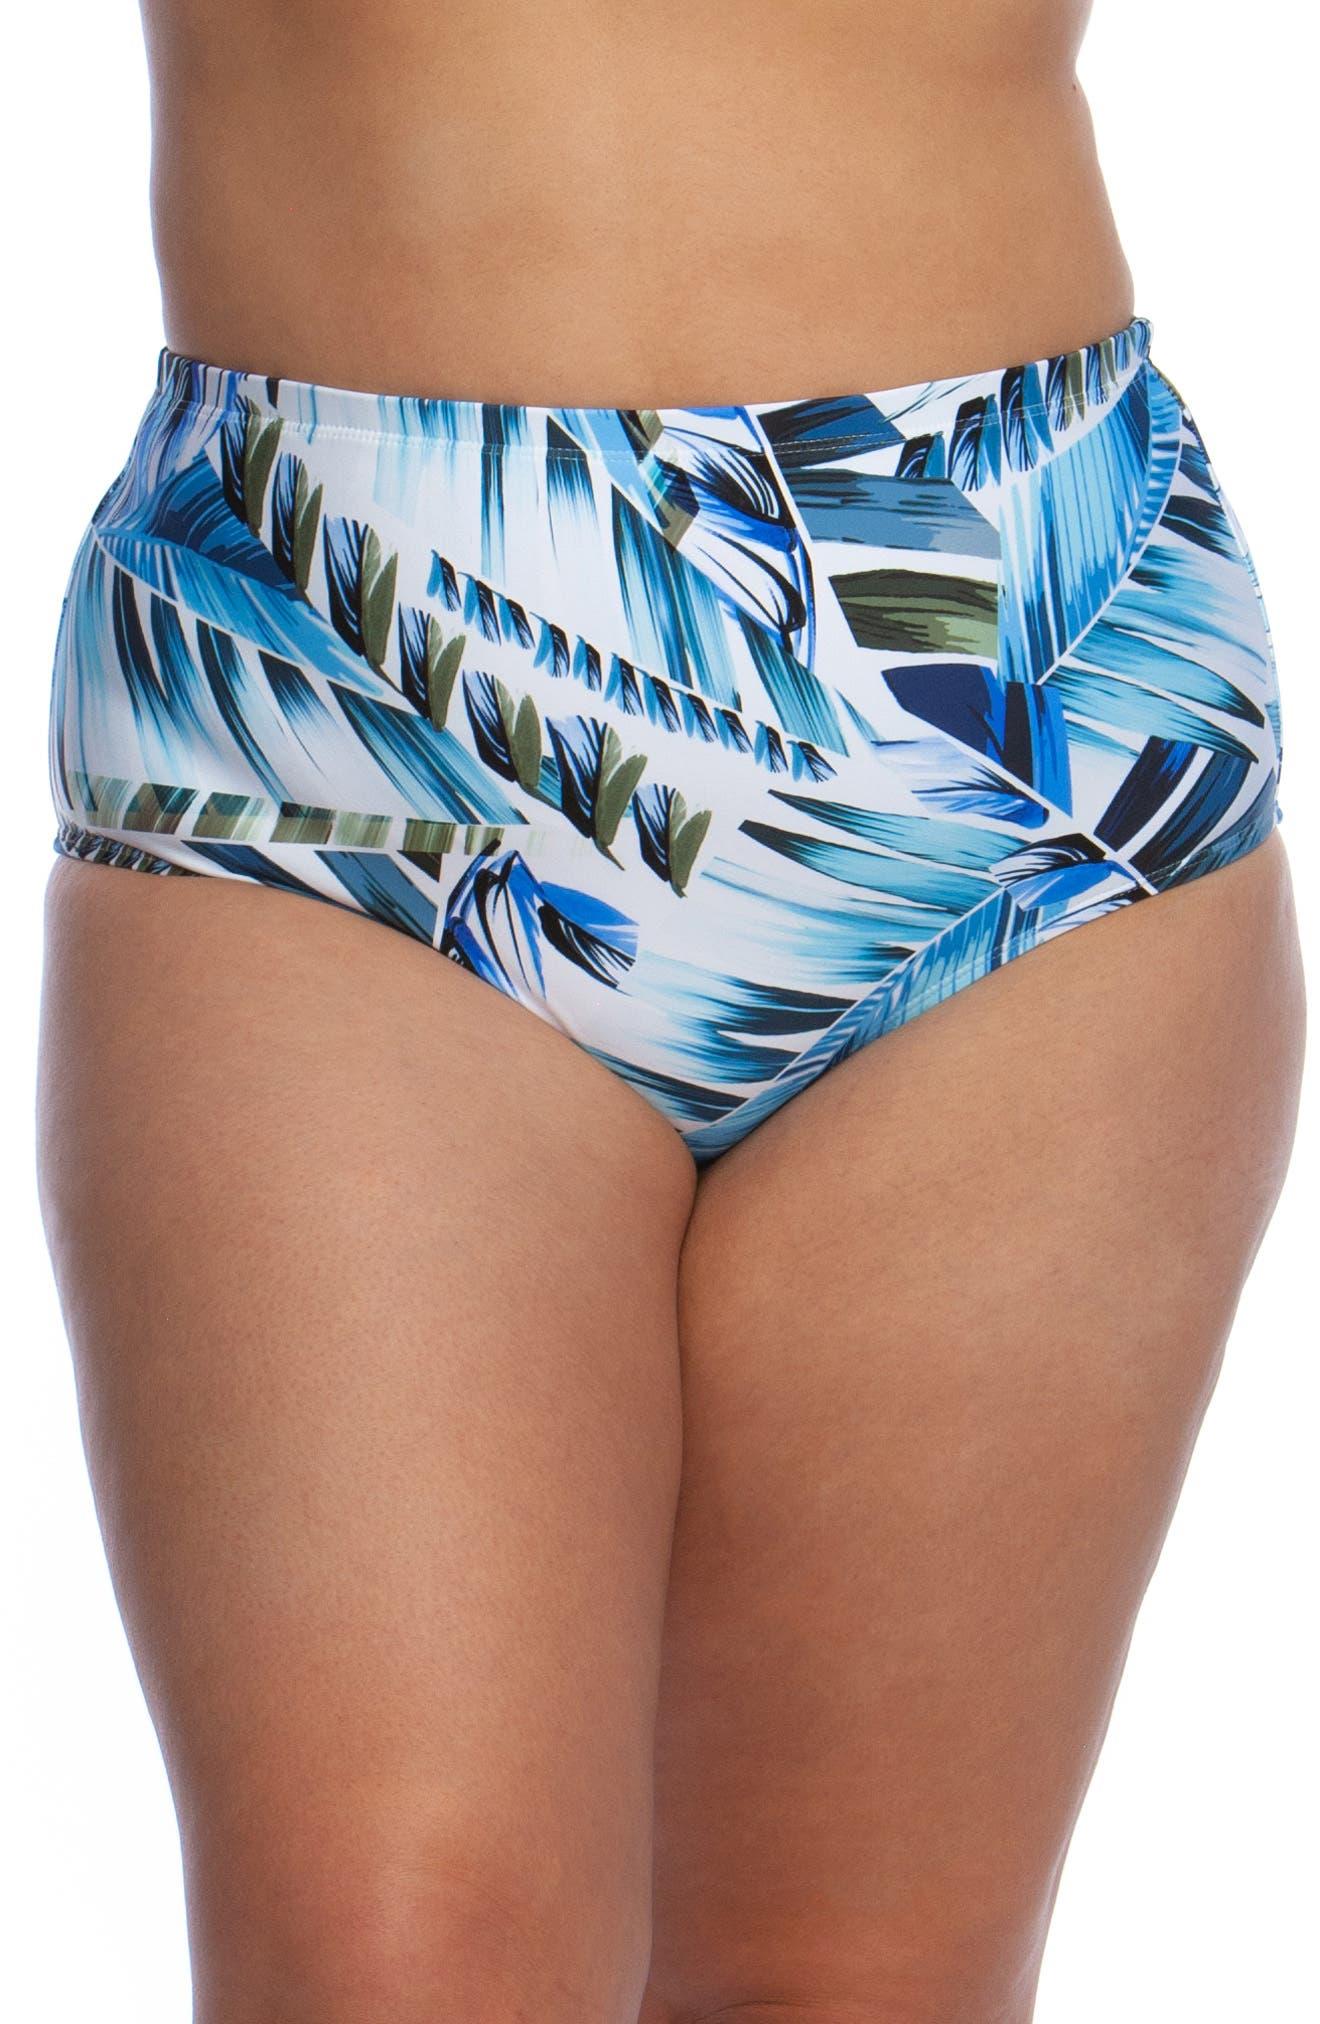 Plus Size La Blanca Two Cool High Waist Bikini Bottoms, Blue